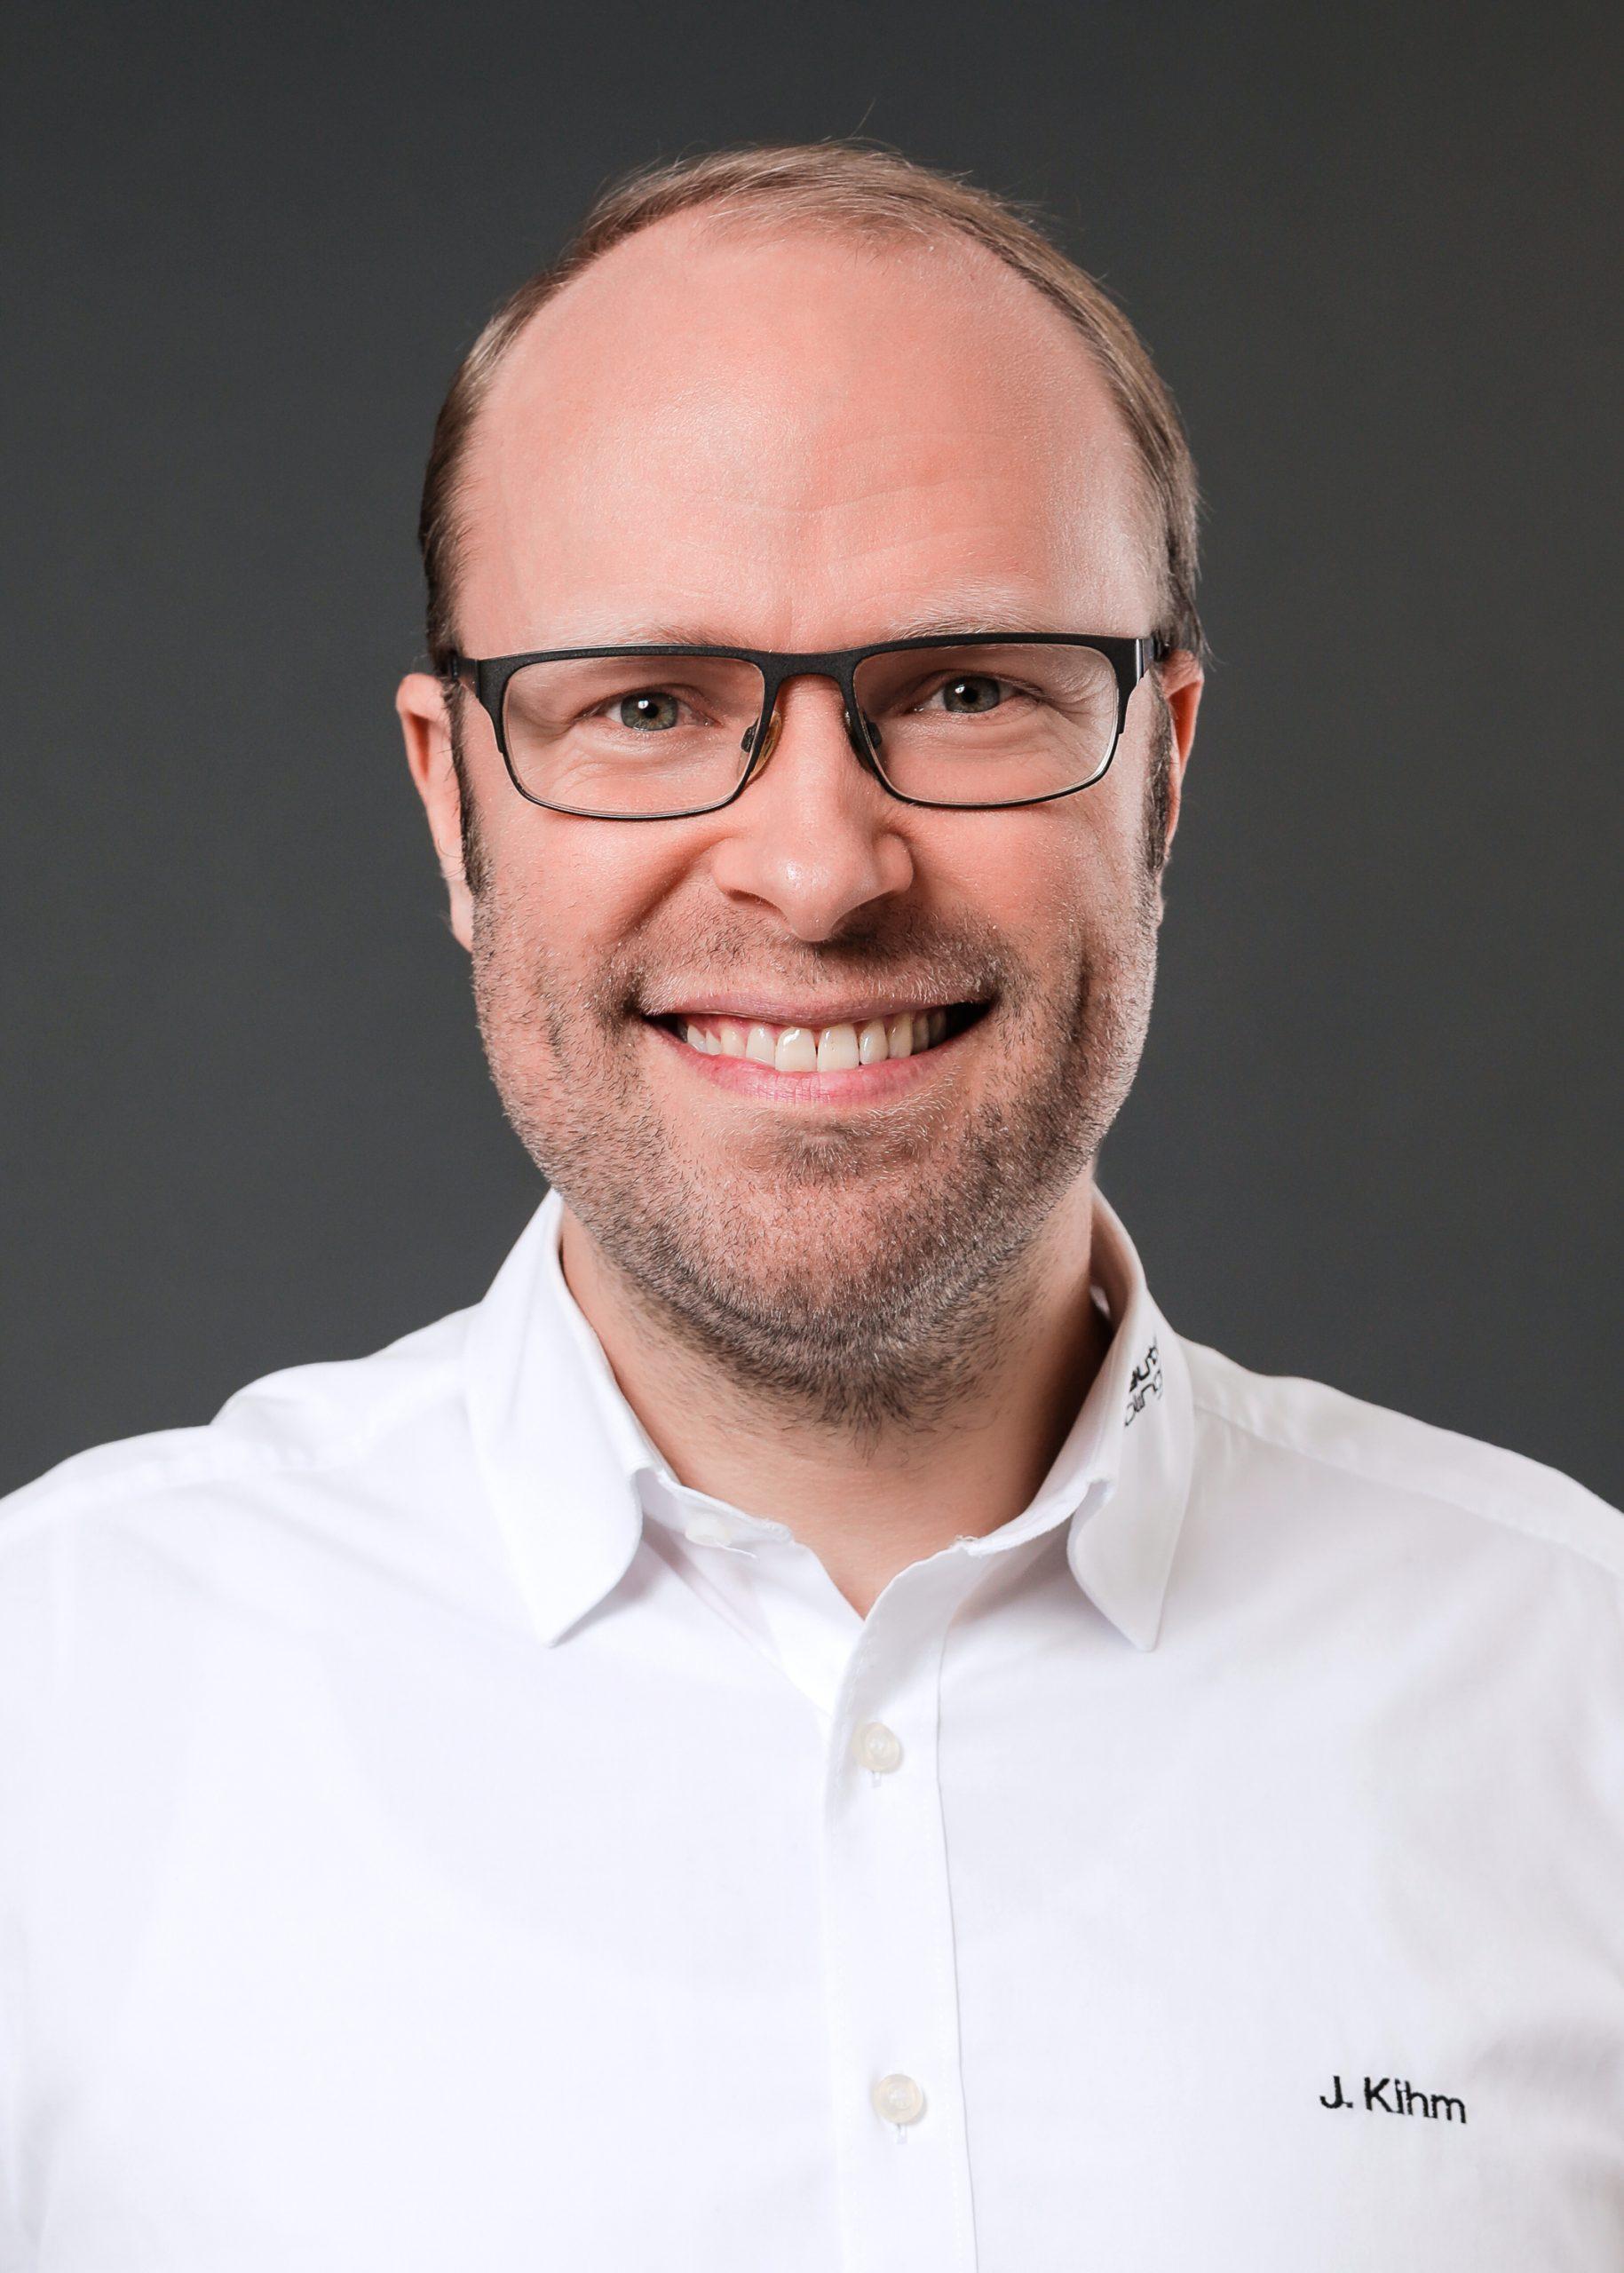 Joachim Kihm